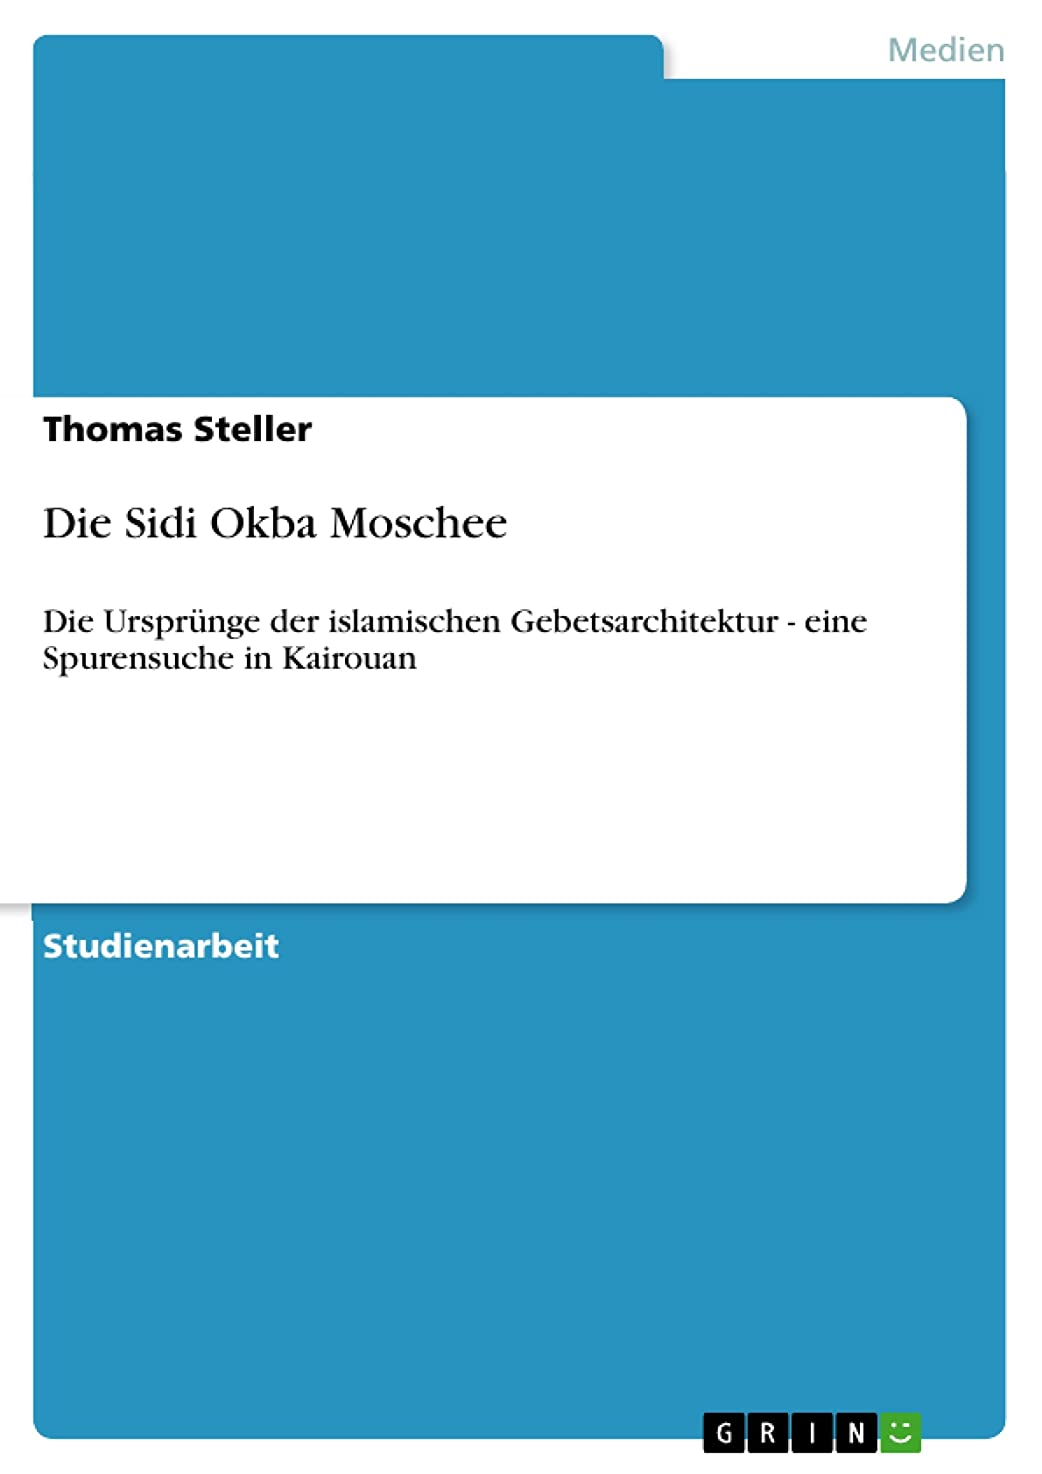 創傷アシスタント余韻Die Sidi Okba Moschee: Die Ursprünge der islamischen Gebetsarchitektur - eine Spurensuche in Kairouan (German Edition)